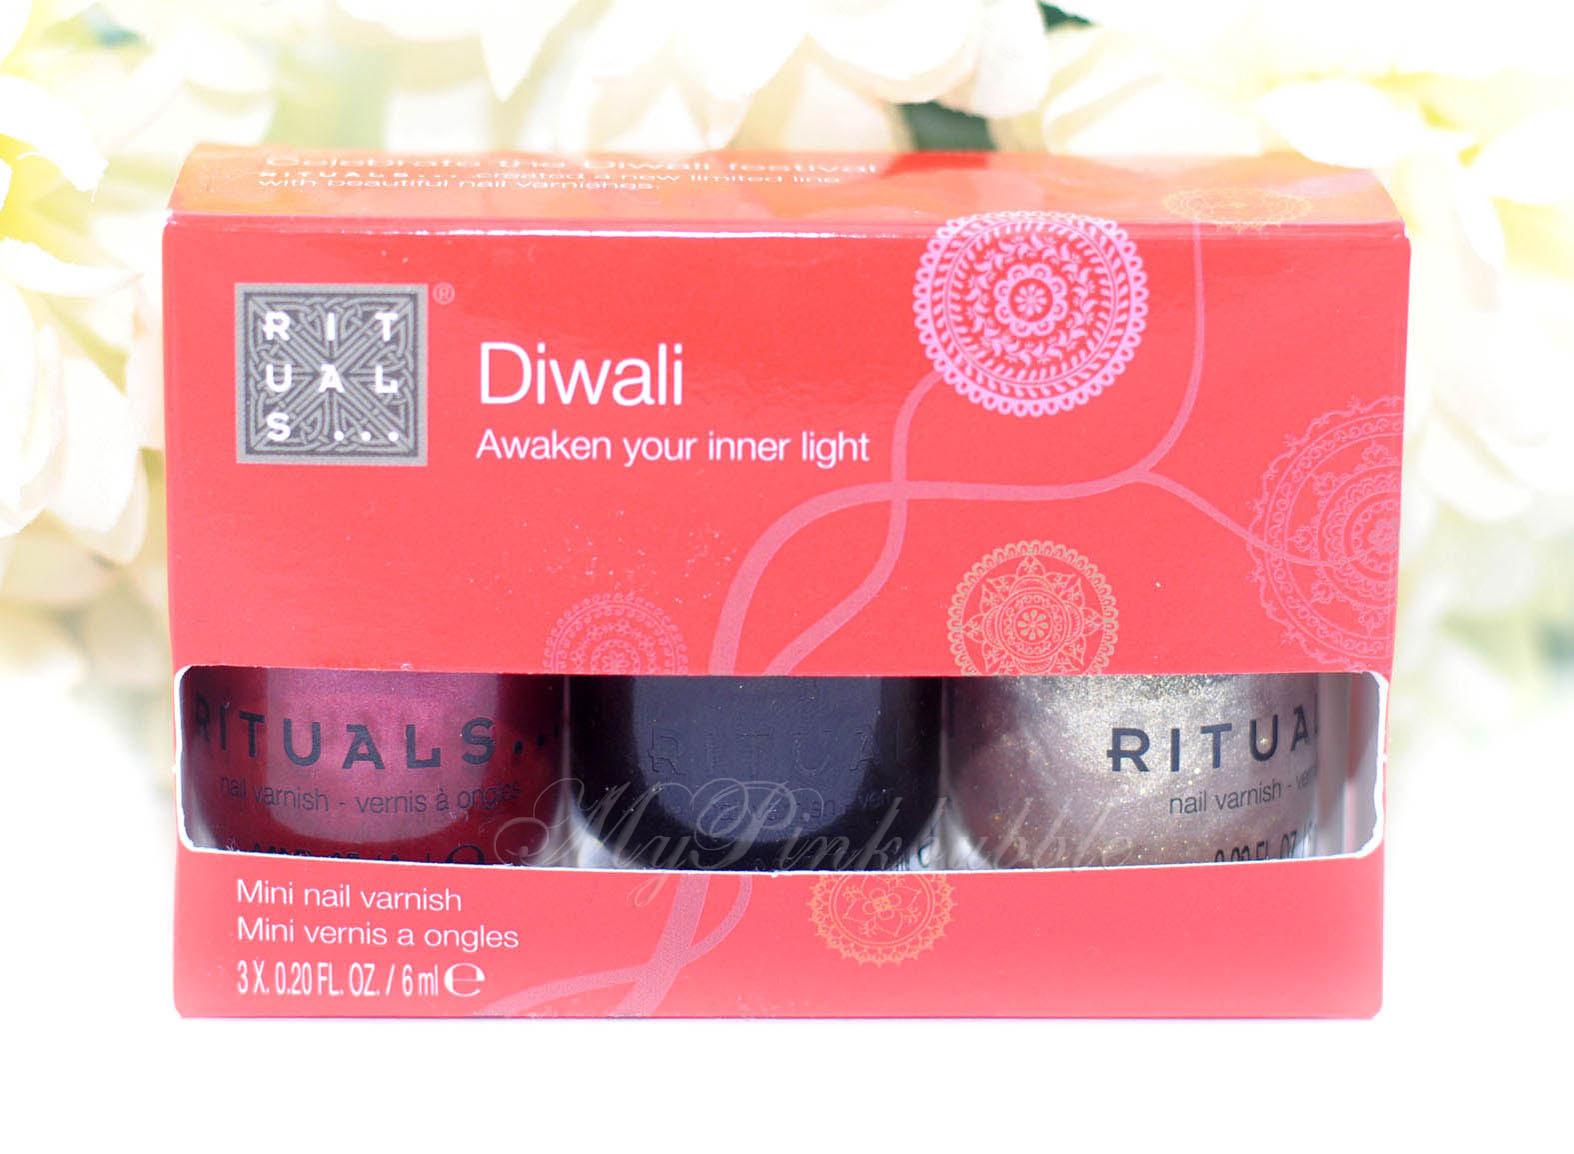 Rituals Nail varnish set